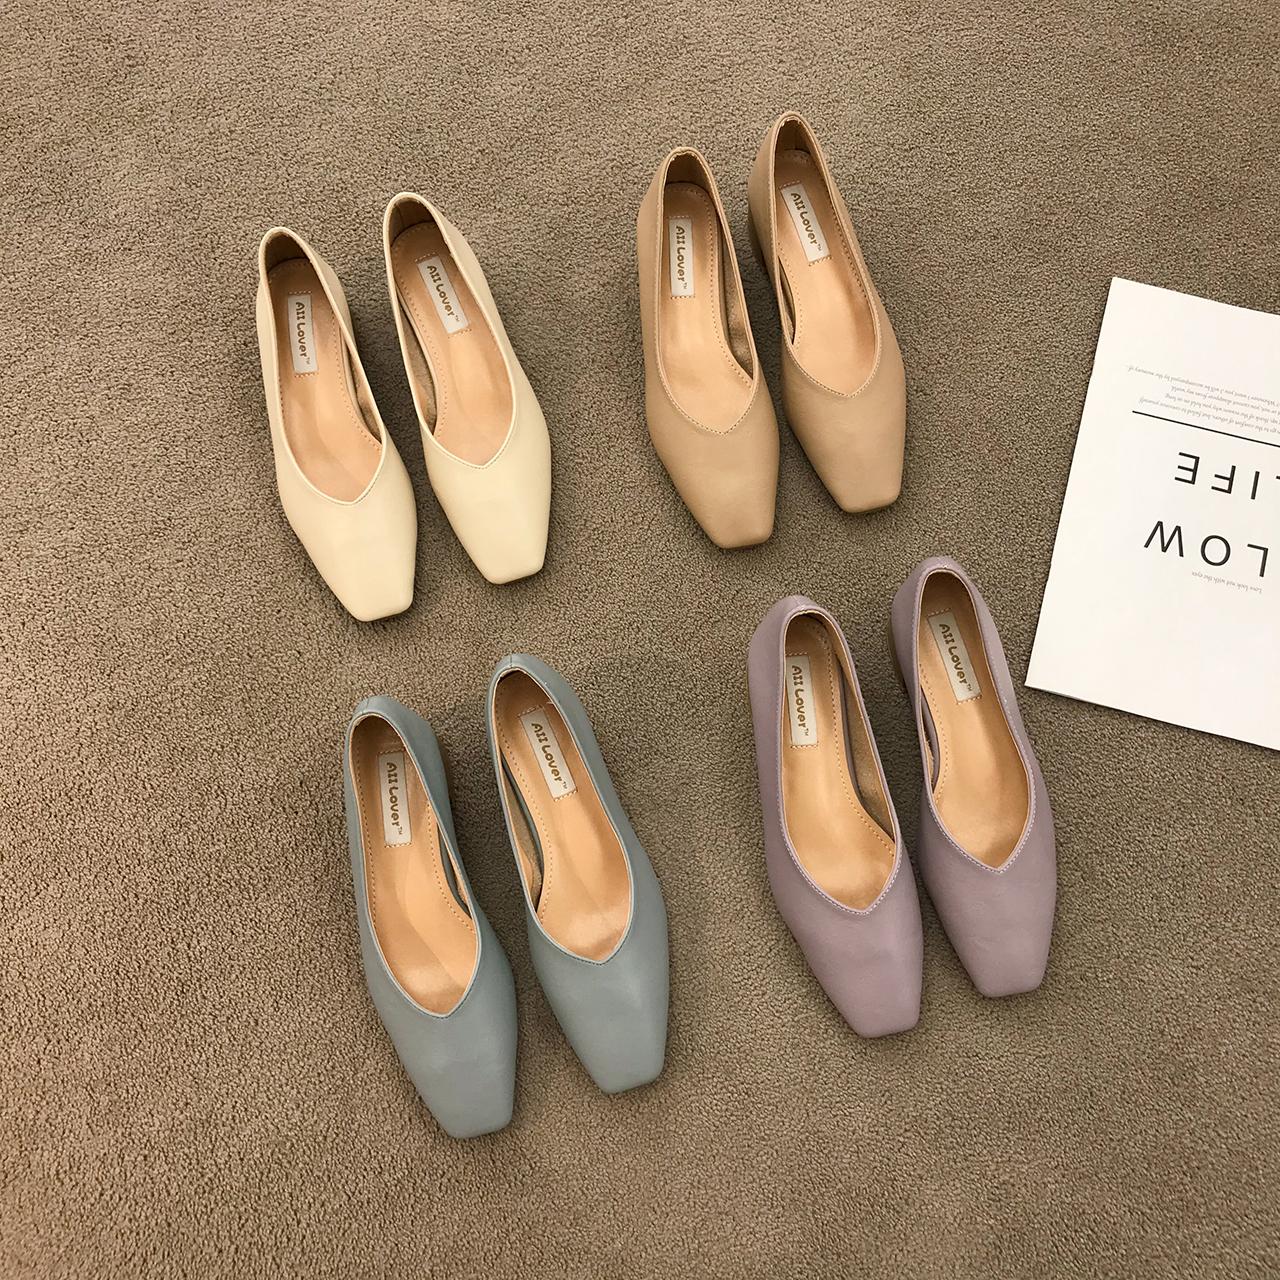 紫色高跟鞋 方头粗跟单鞋女2020年秋季百搭紫色软皮透气通勤工作高跟奶奶鞋_推荐淘宝好看的紫色高跟鞋